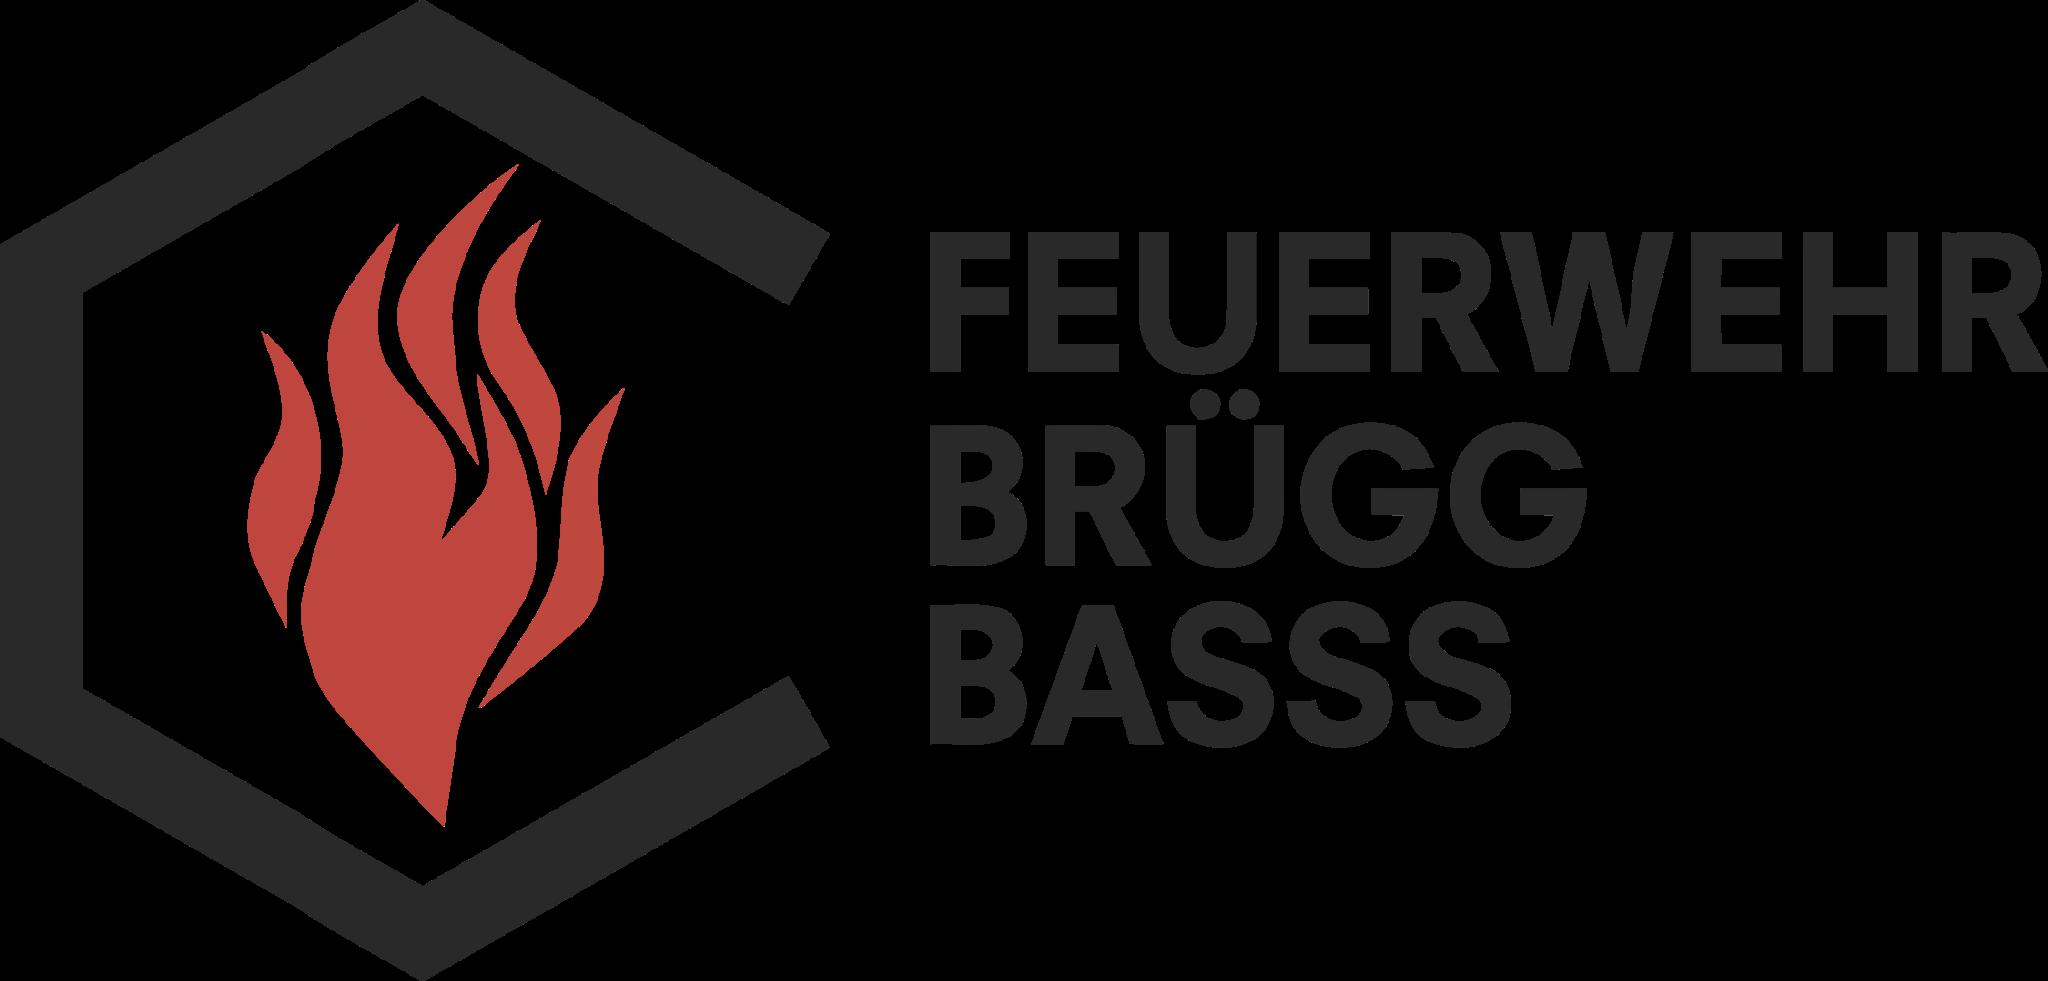 Feuerwehr Basss Downloads